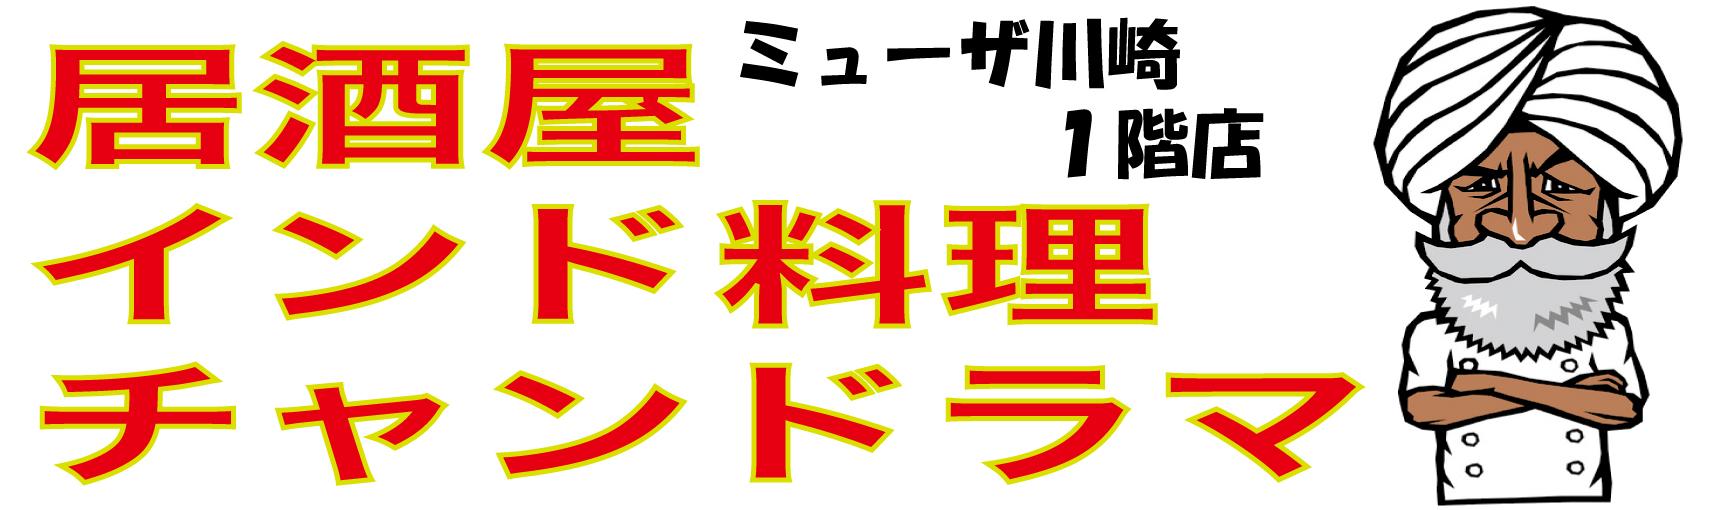 居酒屋インドカレー店チャンドラマミューザ川崎店